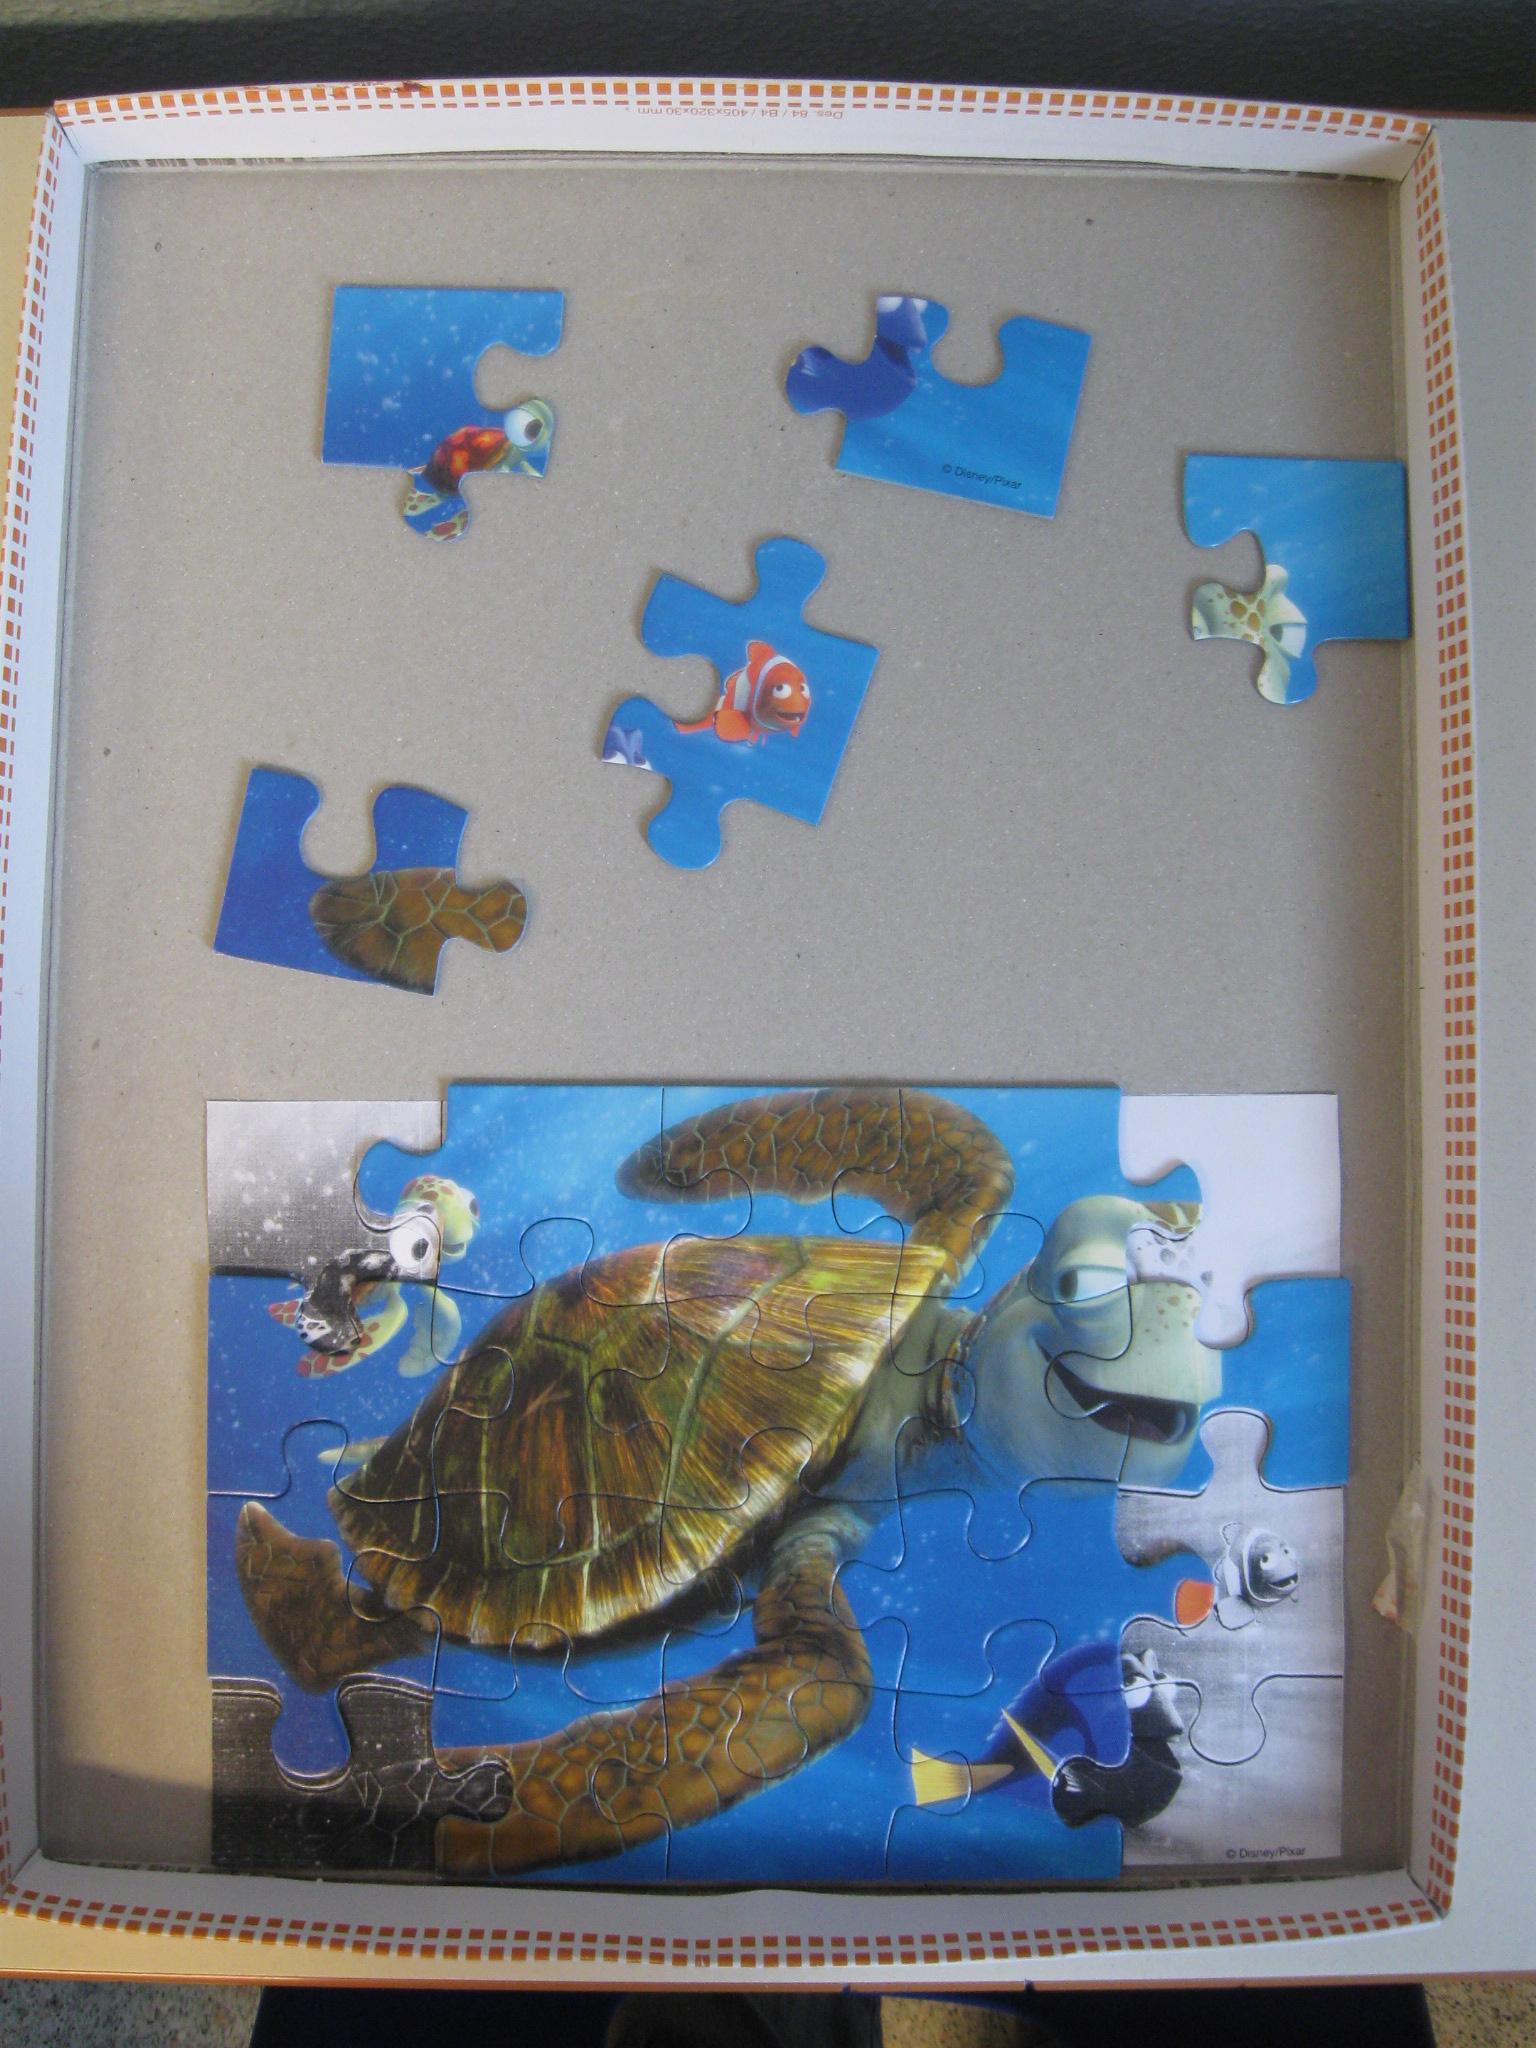 Un puzzle quasi completato con alcune tessere non inserite disposte sopra.